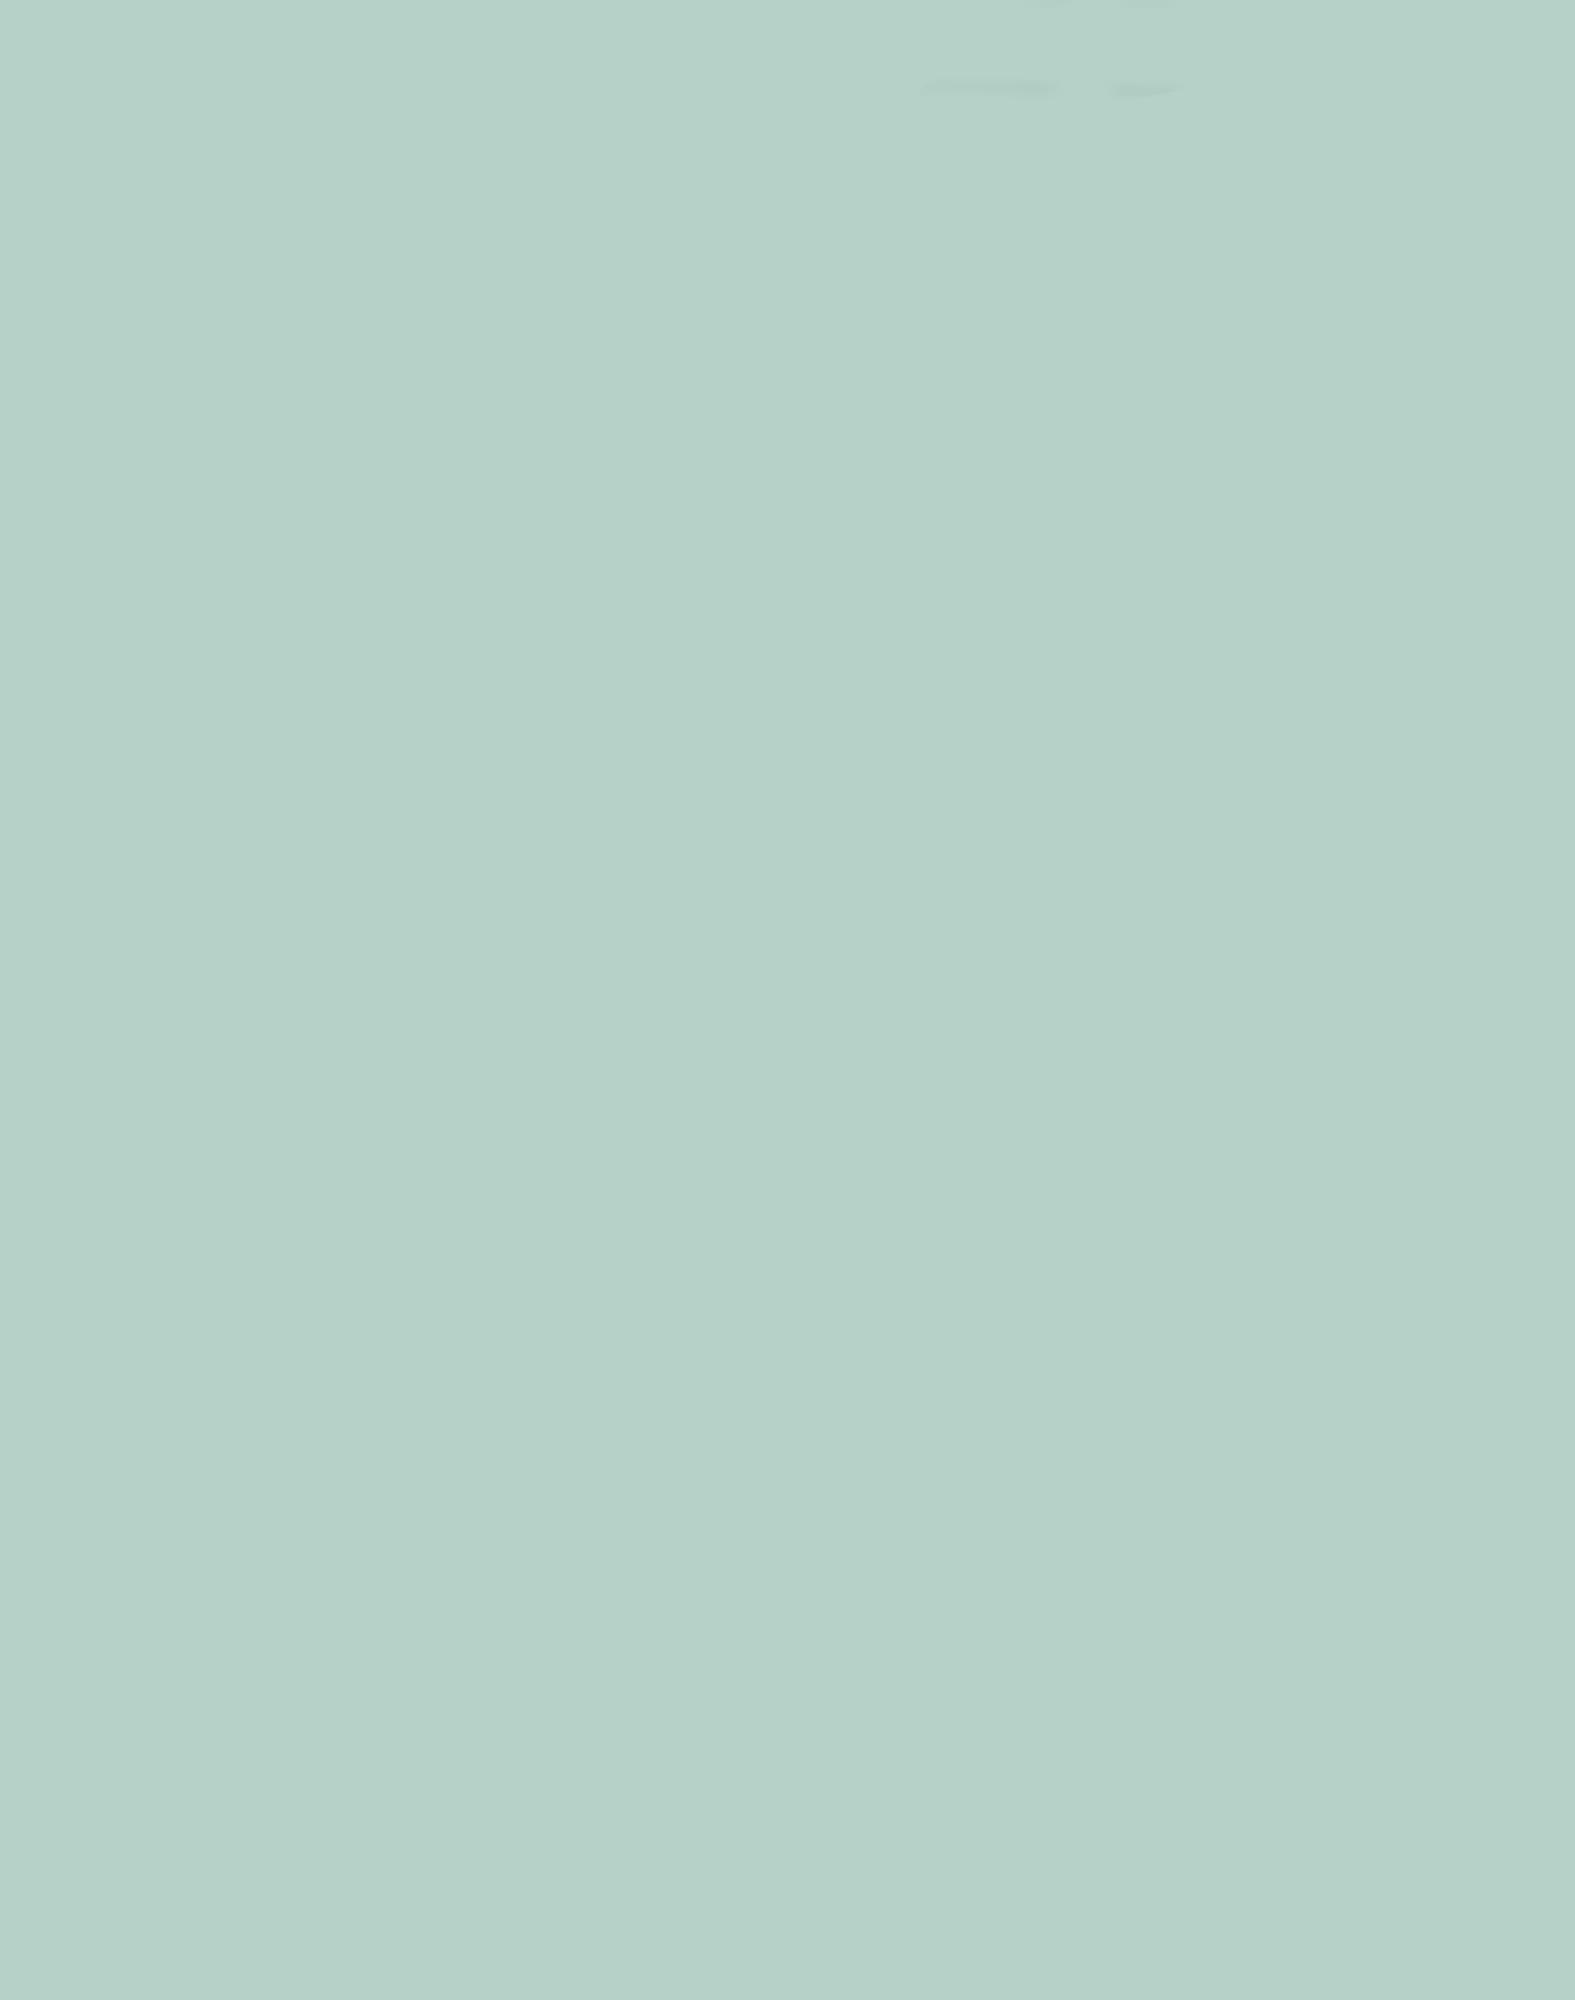 Jade 181,210,200